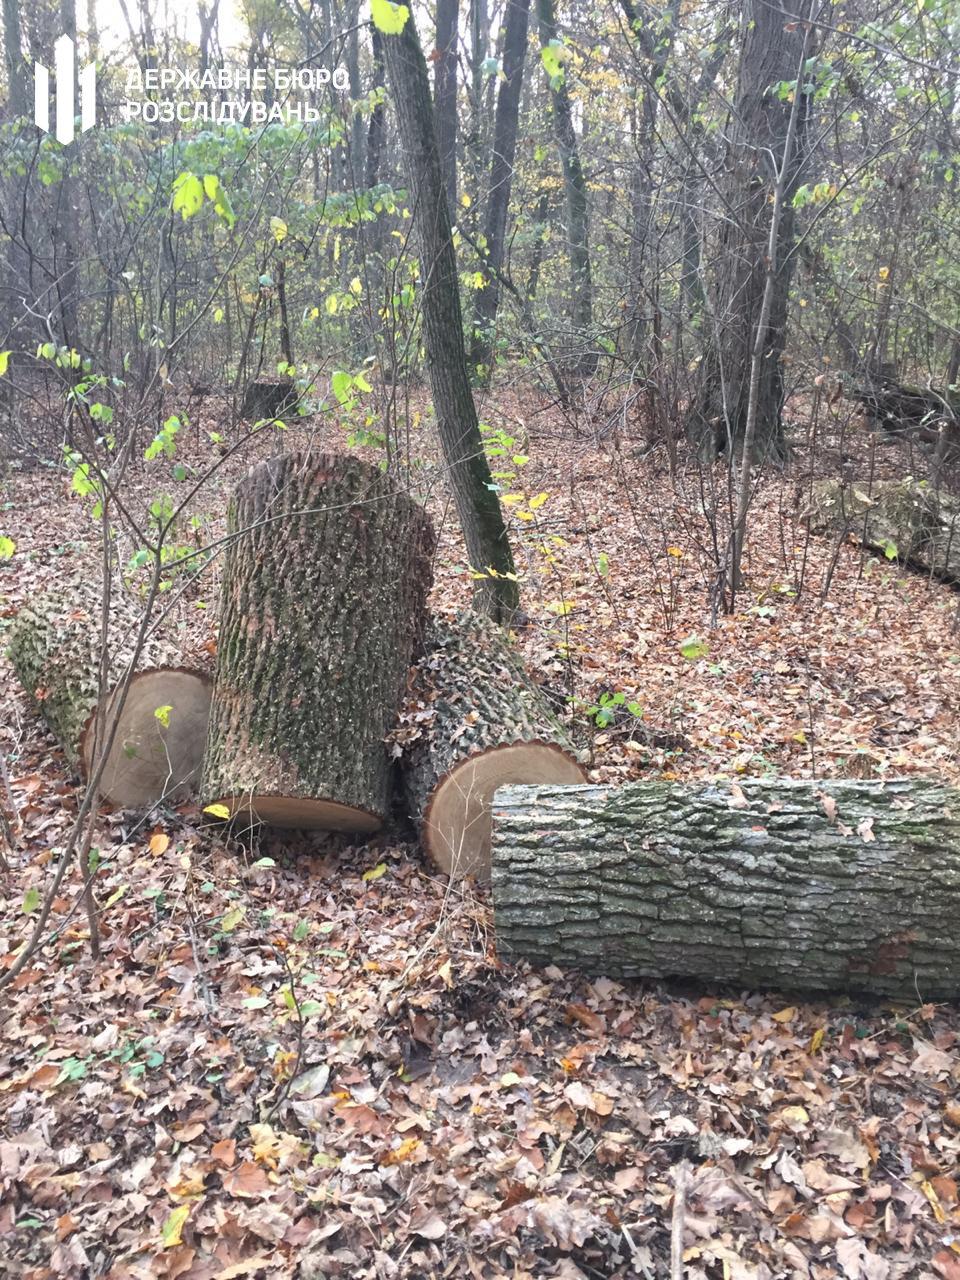 Незаконна вирубка лісу – ДБР повідомило про підозру керівнику одного із лісових господарств, фото-1